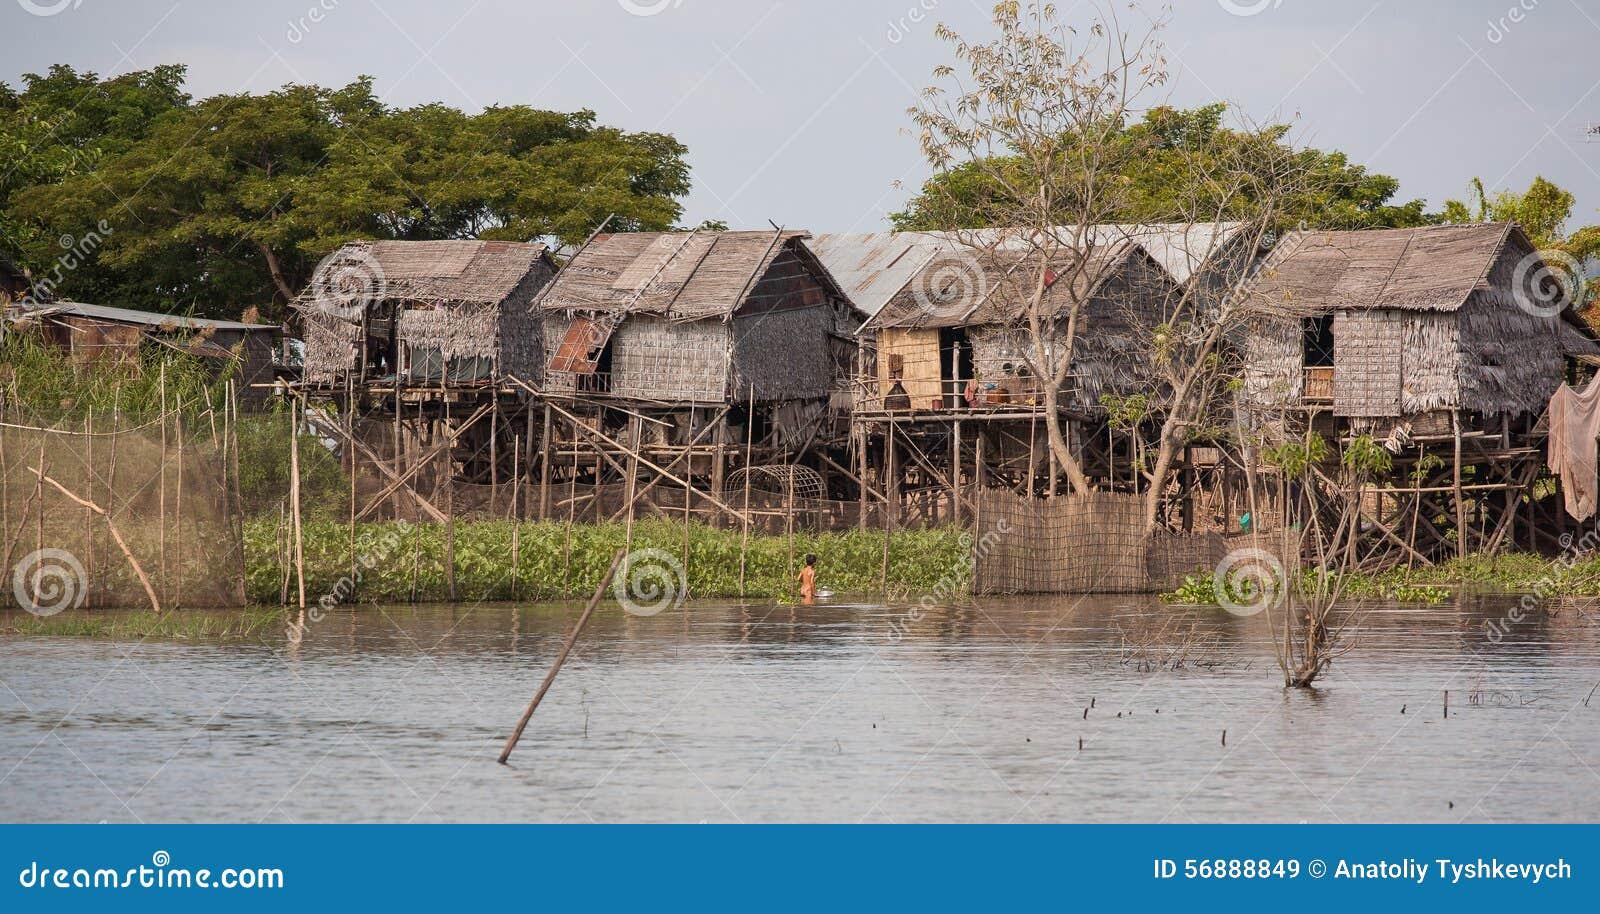 Litet hus på vattnet, ett barnfiske med en järnbunke